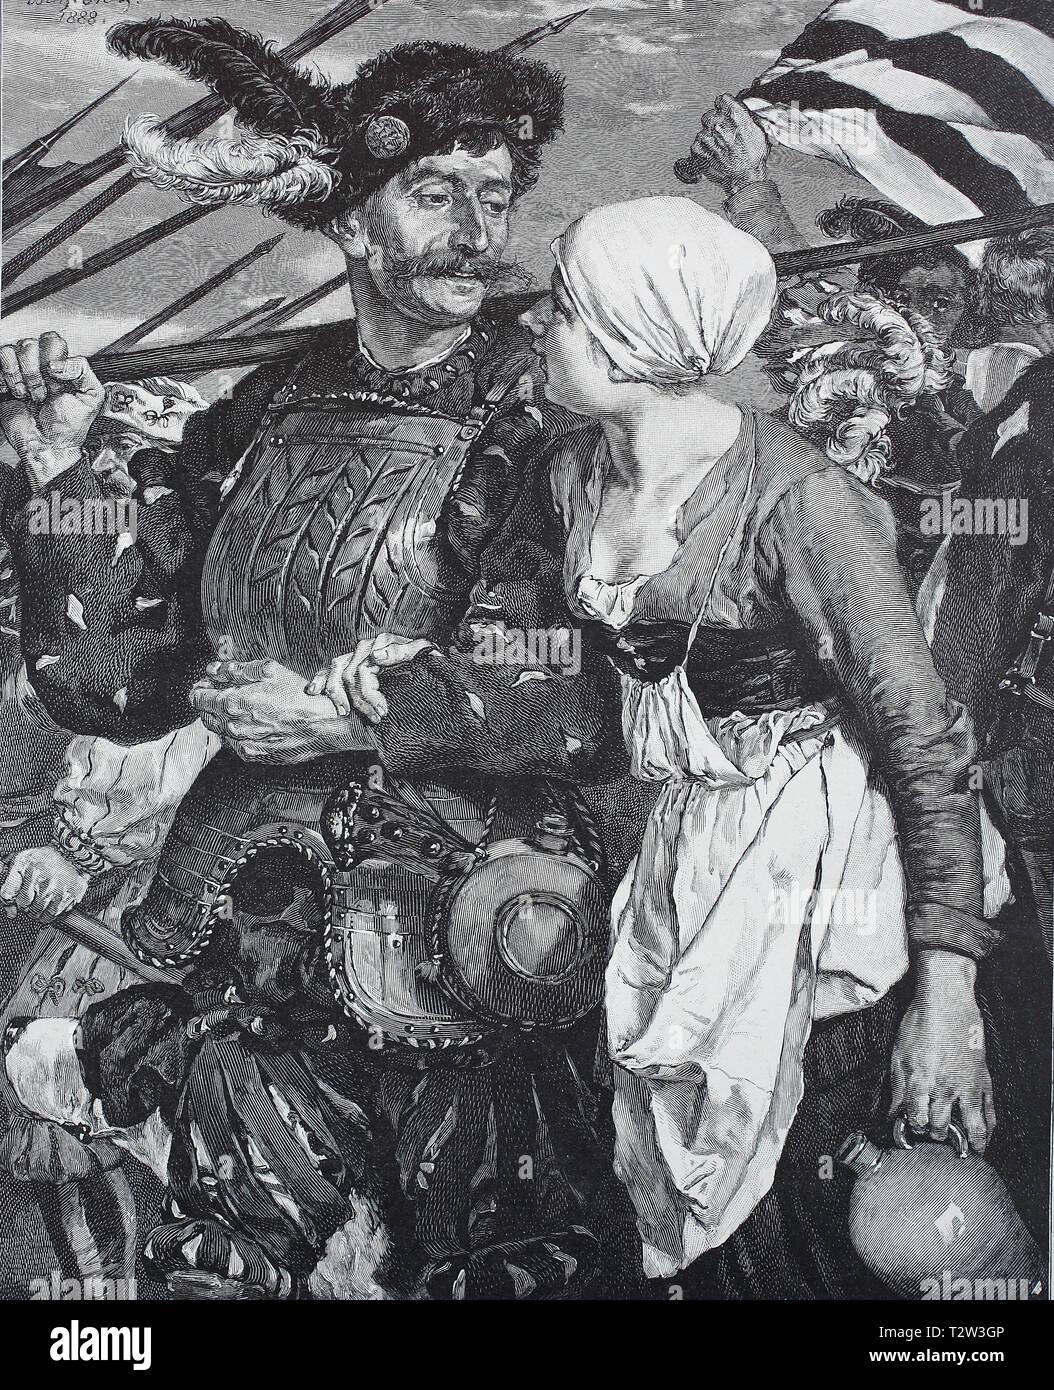 Lansquenets during the dreisigjährigen war, here with a landlady in the arm, painted by W. Diez, Landsknechte im dreisigjährigen Krieg, hier mit einer Wirtin am Arm, gemalt vom W. Diez - Stock Image